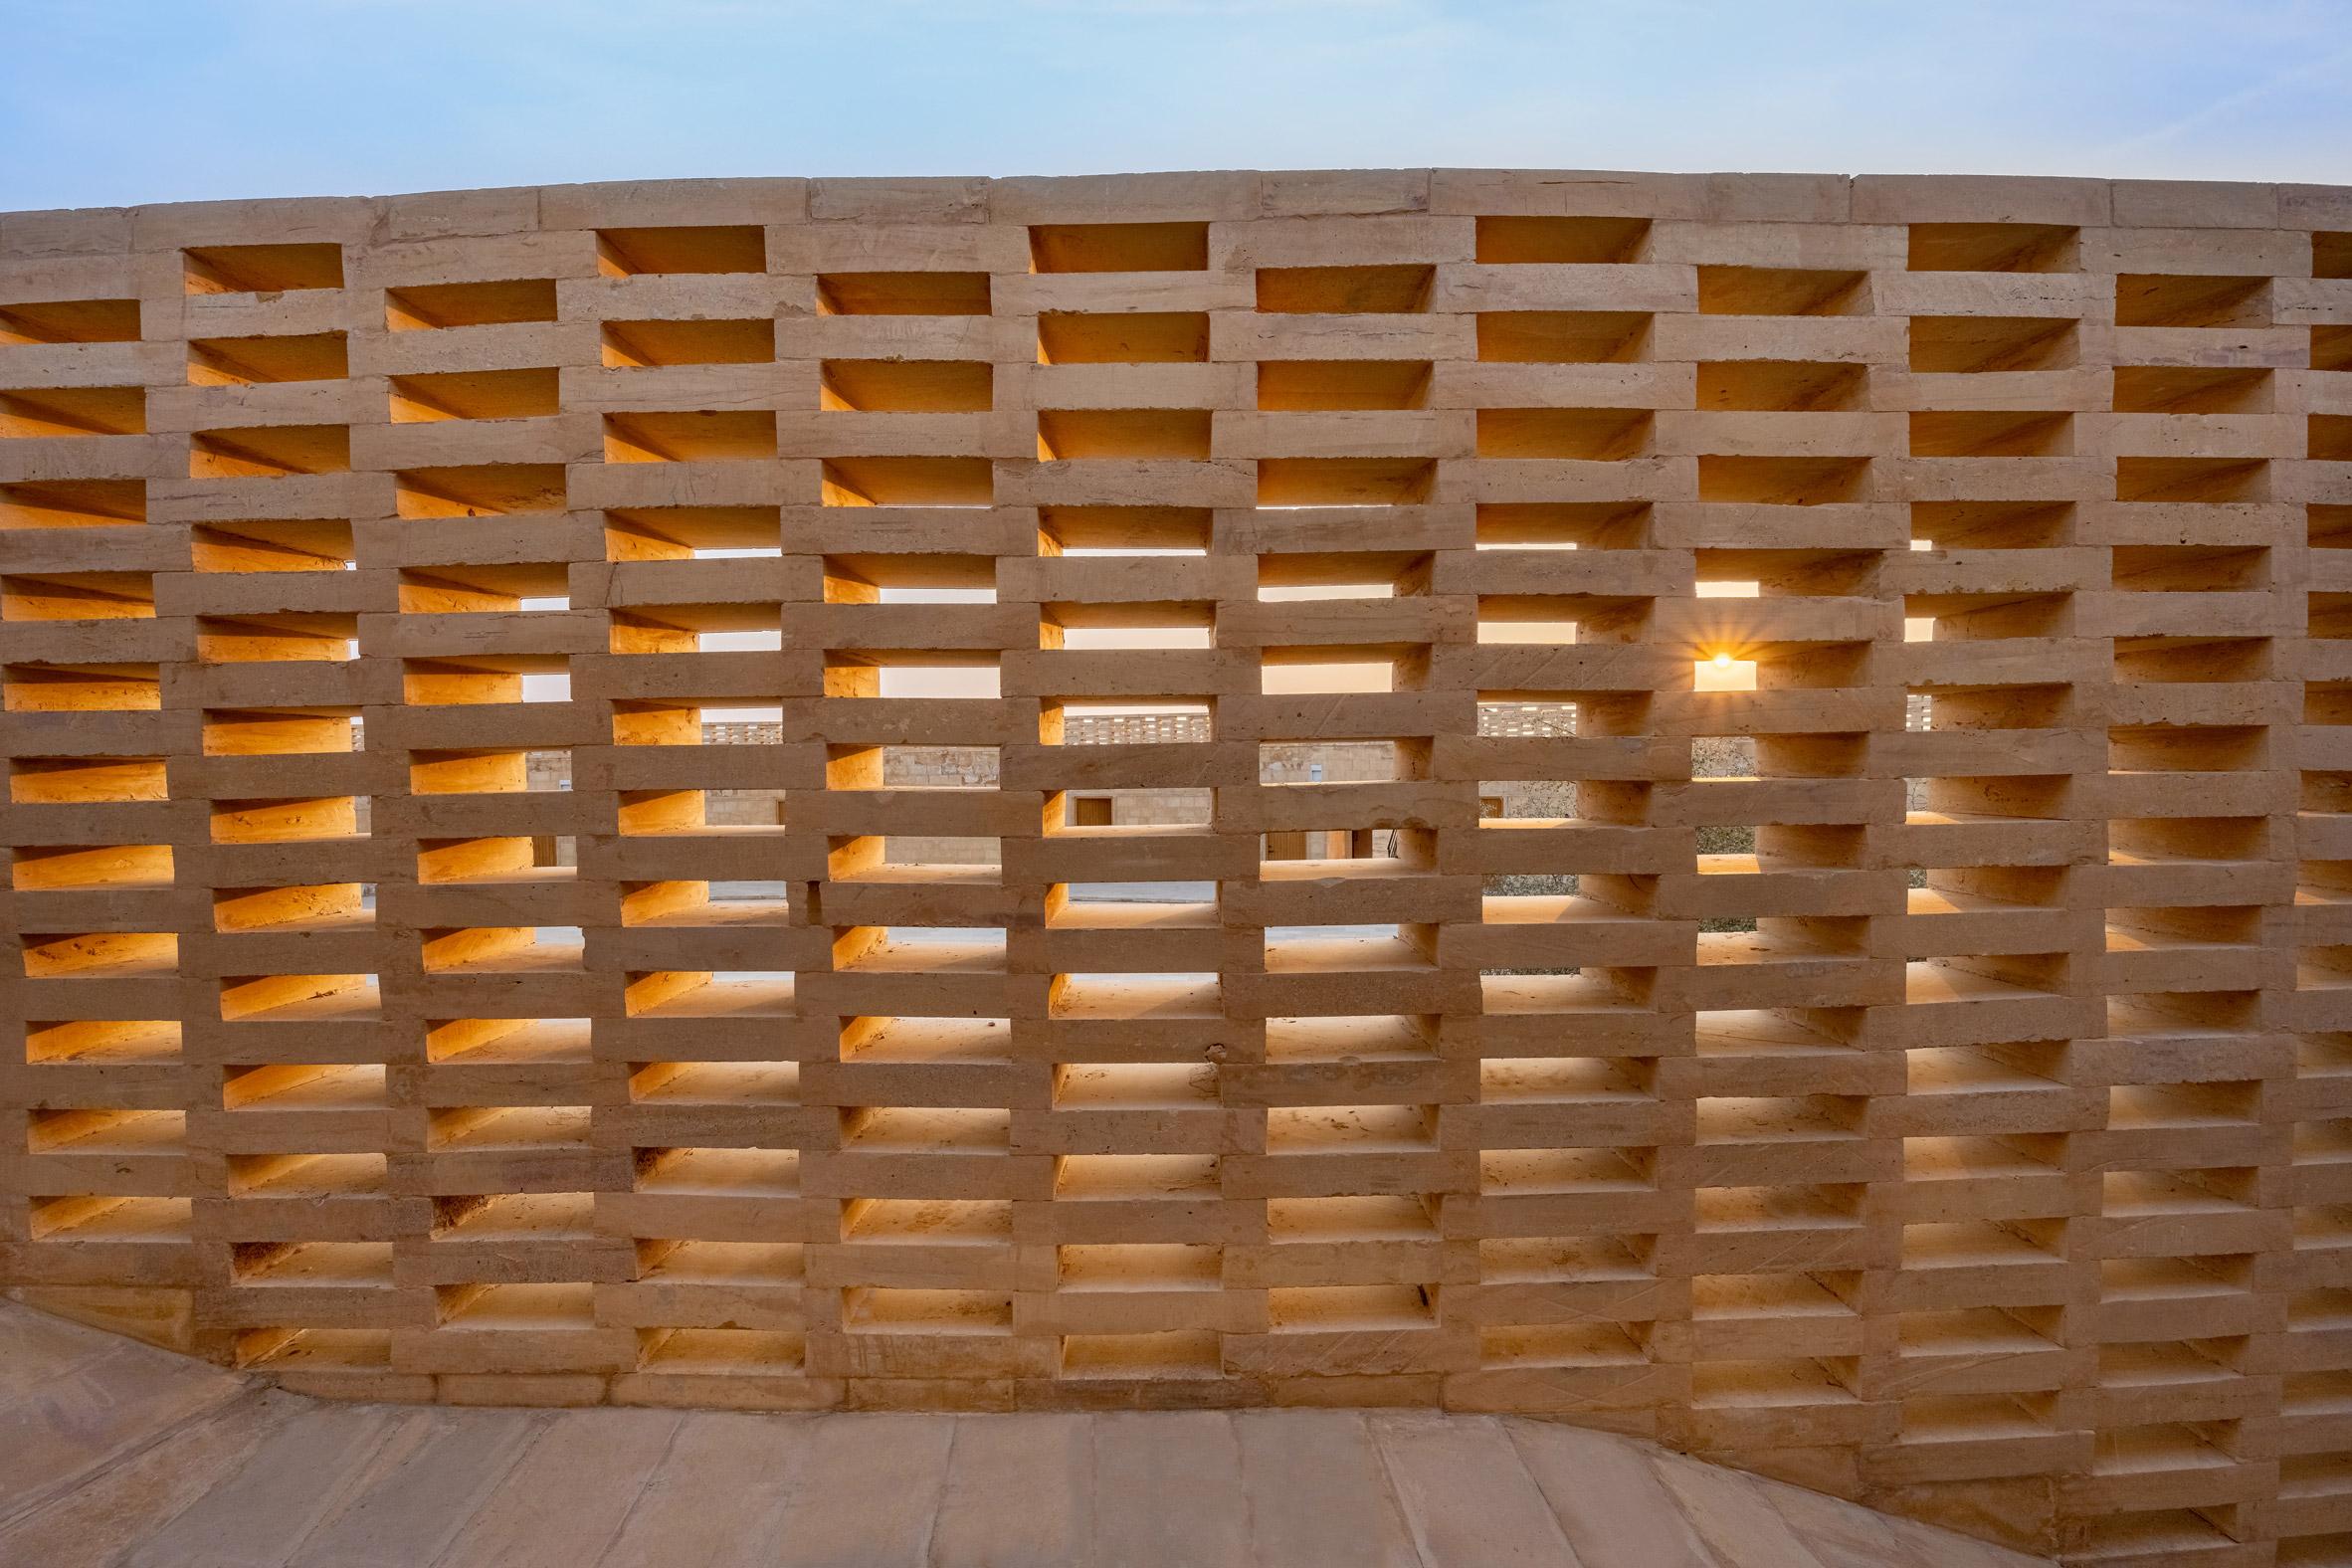 BANGUNAN SEKOLAH BERBENTUK OVAL DI TENGAH GURUN THAR INDIA DSGNTALK ARCHITECTURE DESIGN SUSTAINABLE SANDSTONE